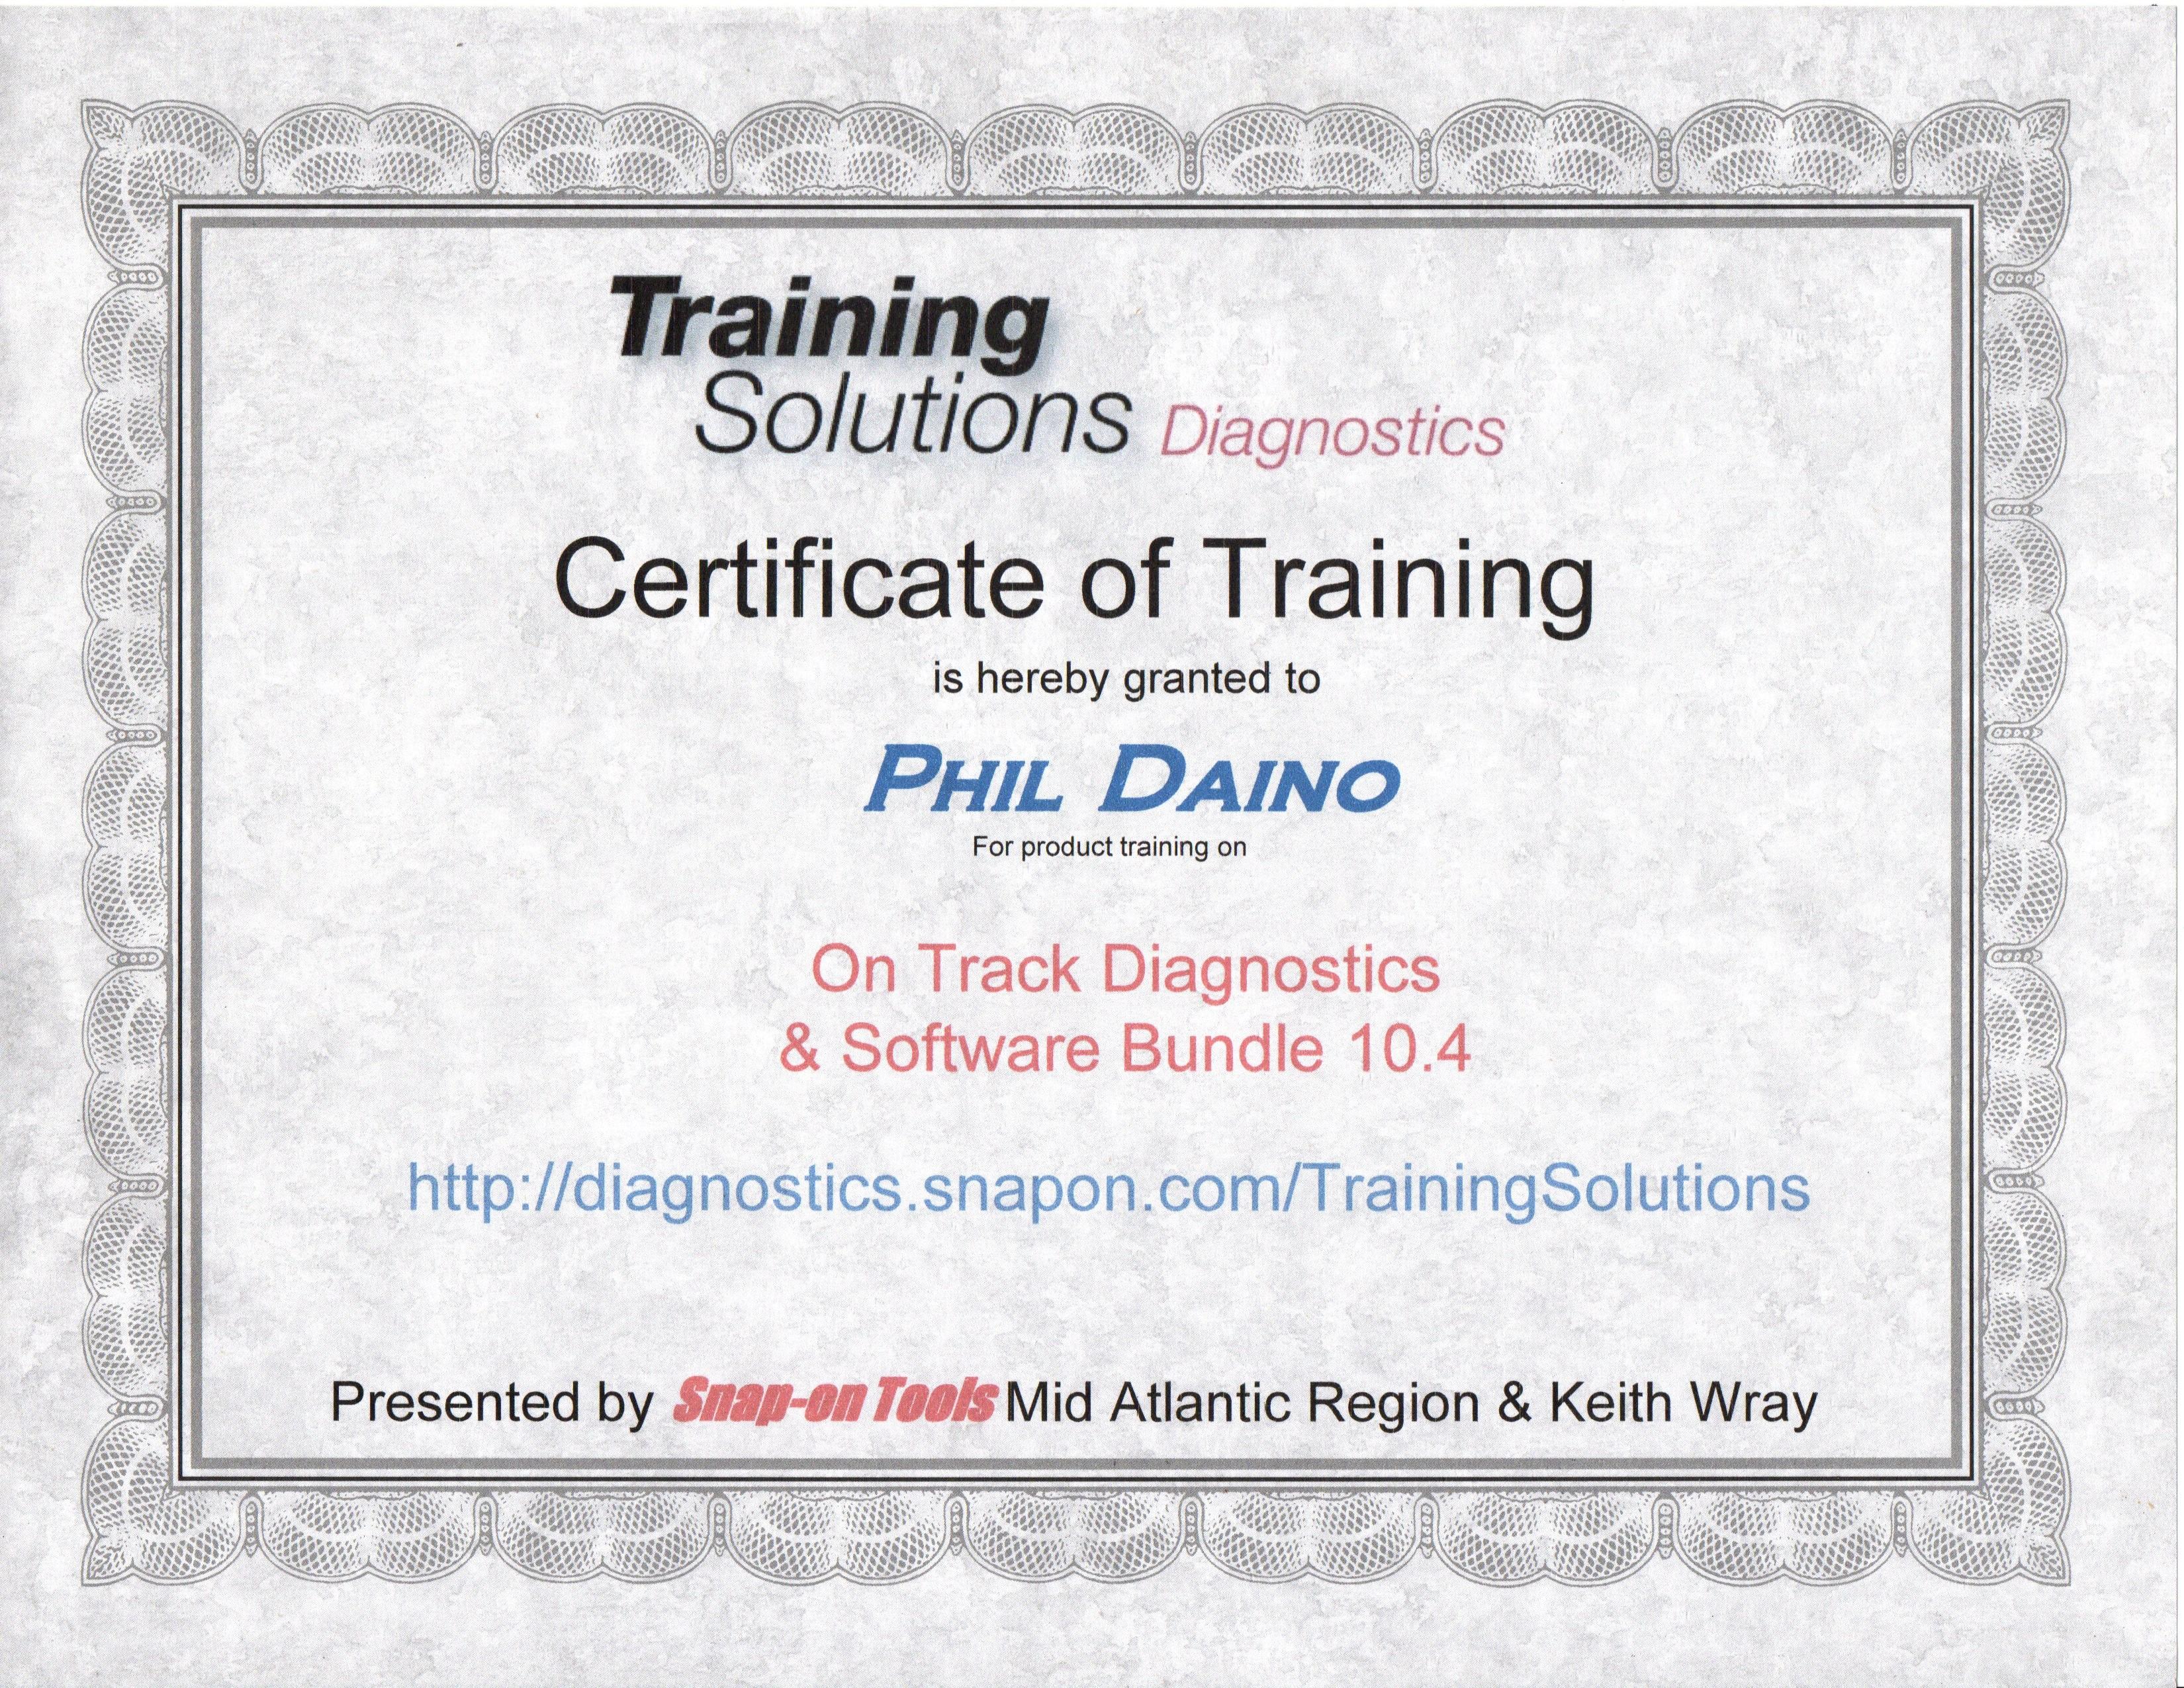 Whalen S Auto Repair Training Certificates